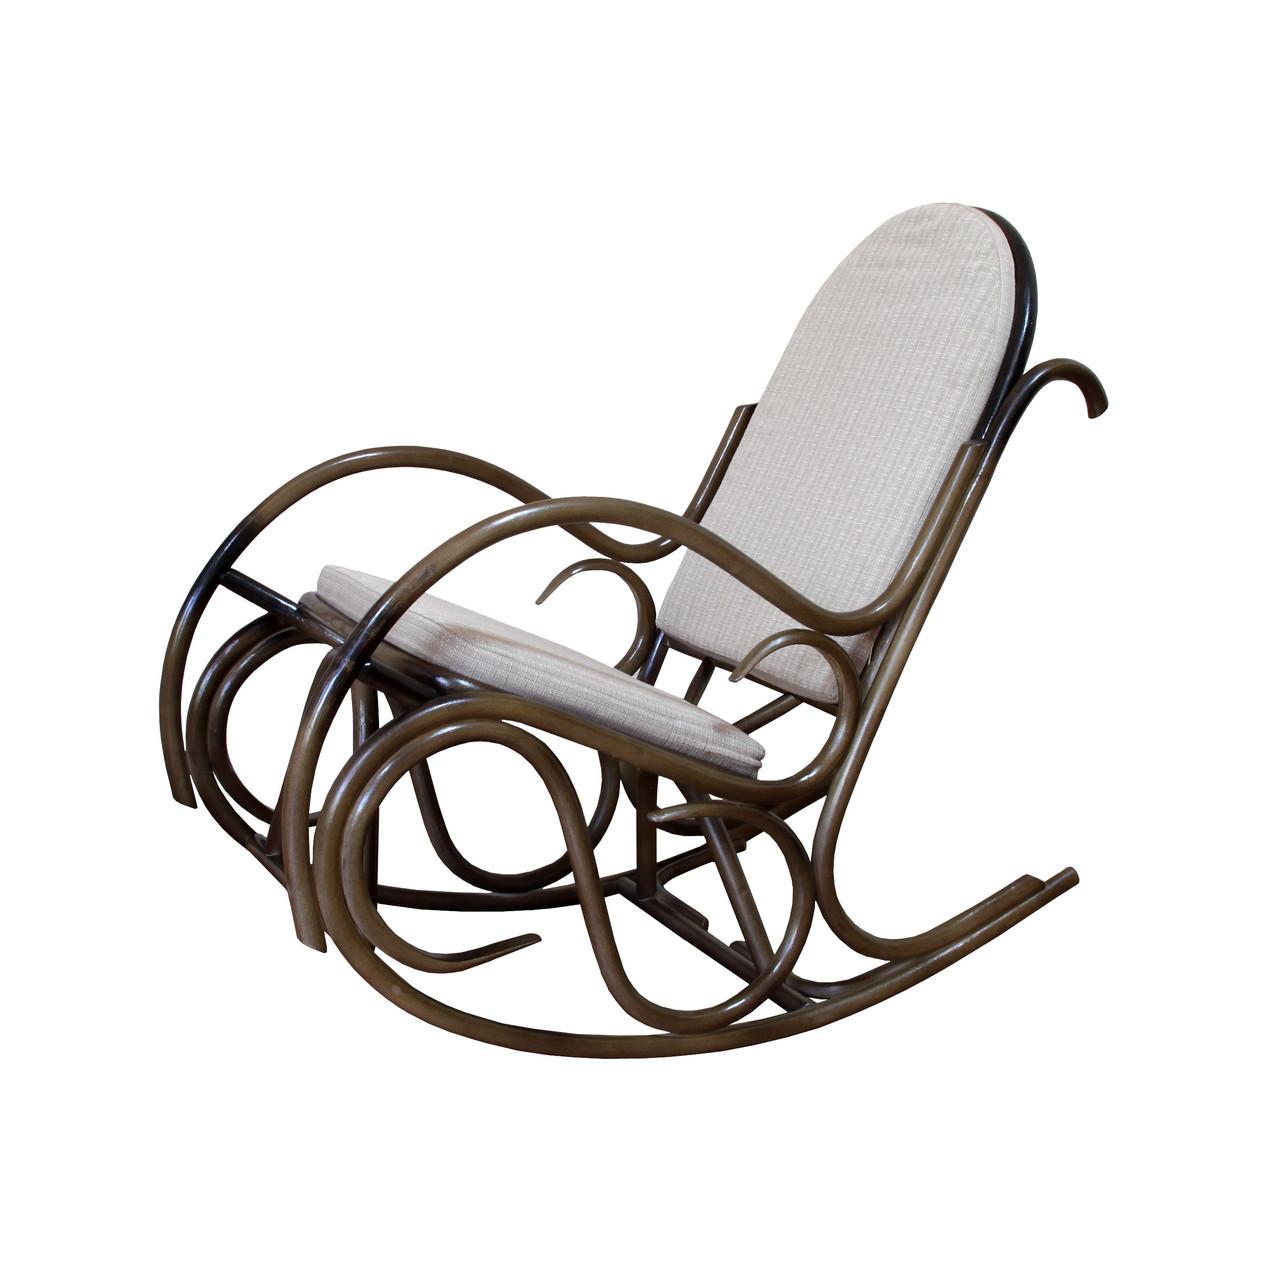 196766029 w640 h640 kachalka olimp Садовые столы и кресла из ротанга – азиатская «изюминка» в дачном интерьере